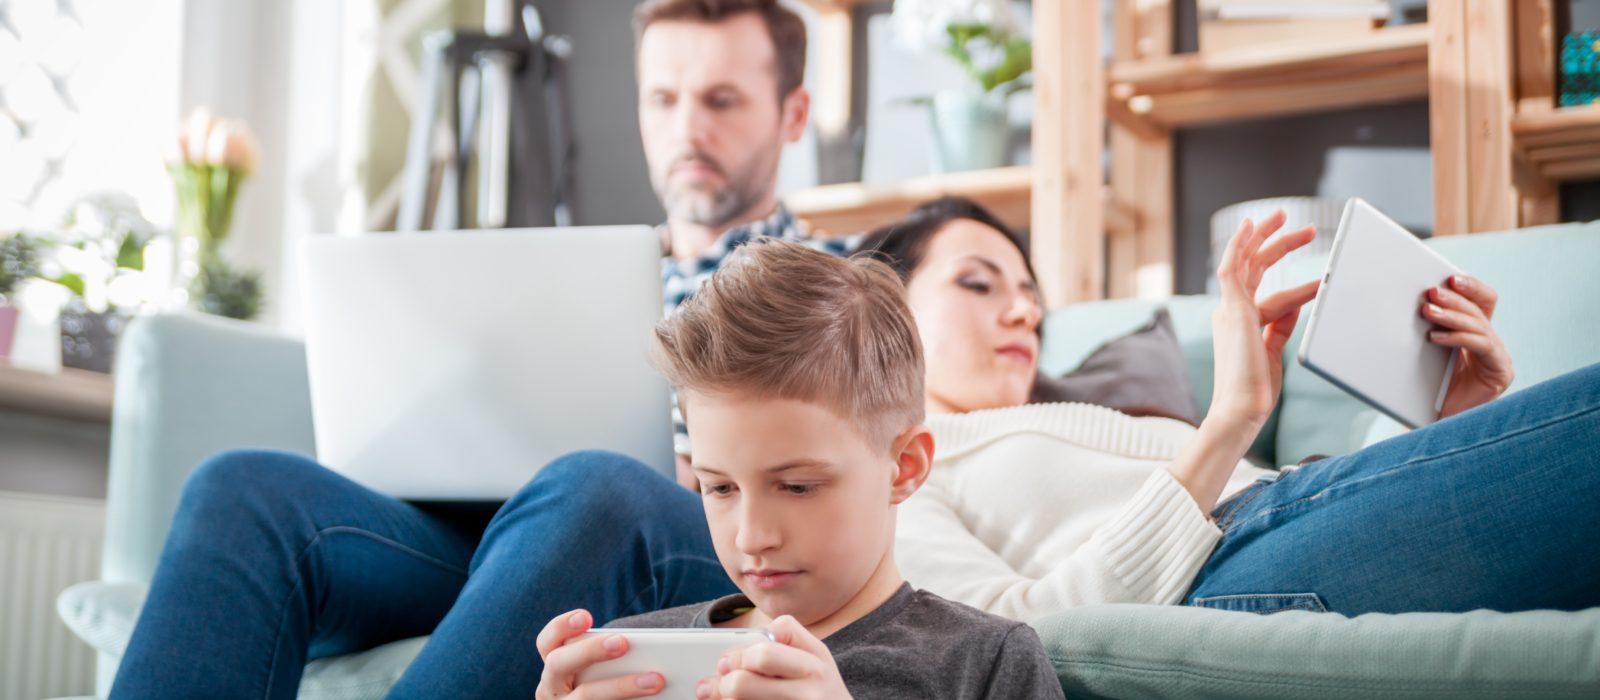 """Tecnología,  ¿La """"no sustancia"""" que genera adicción en niños y adolescentes?"""